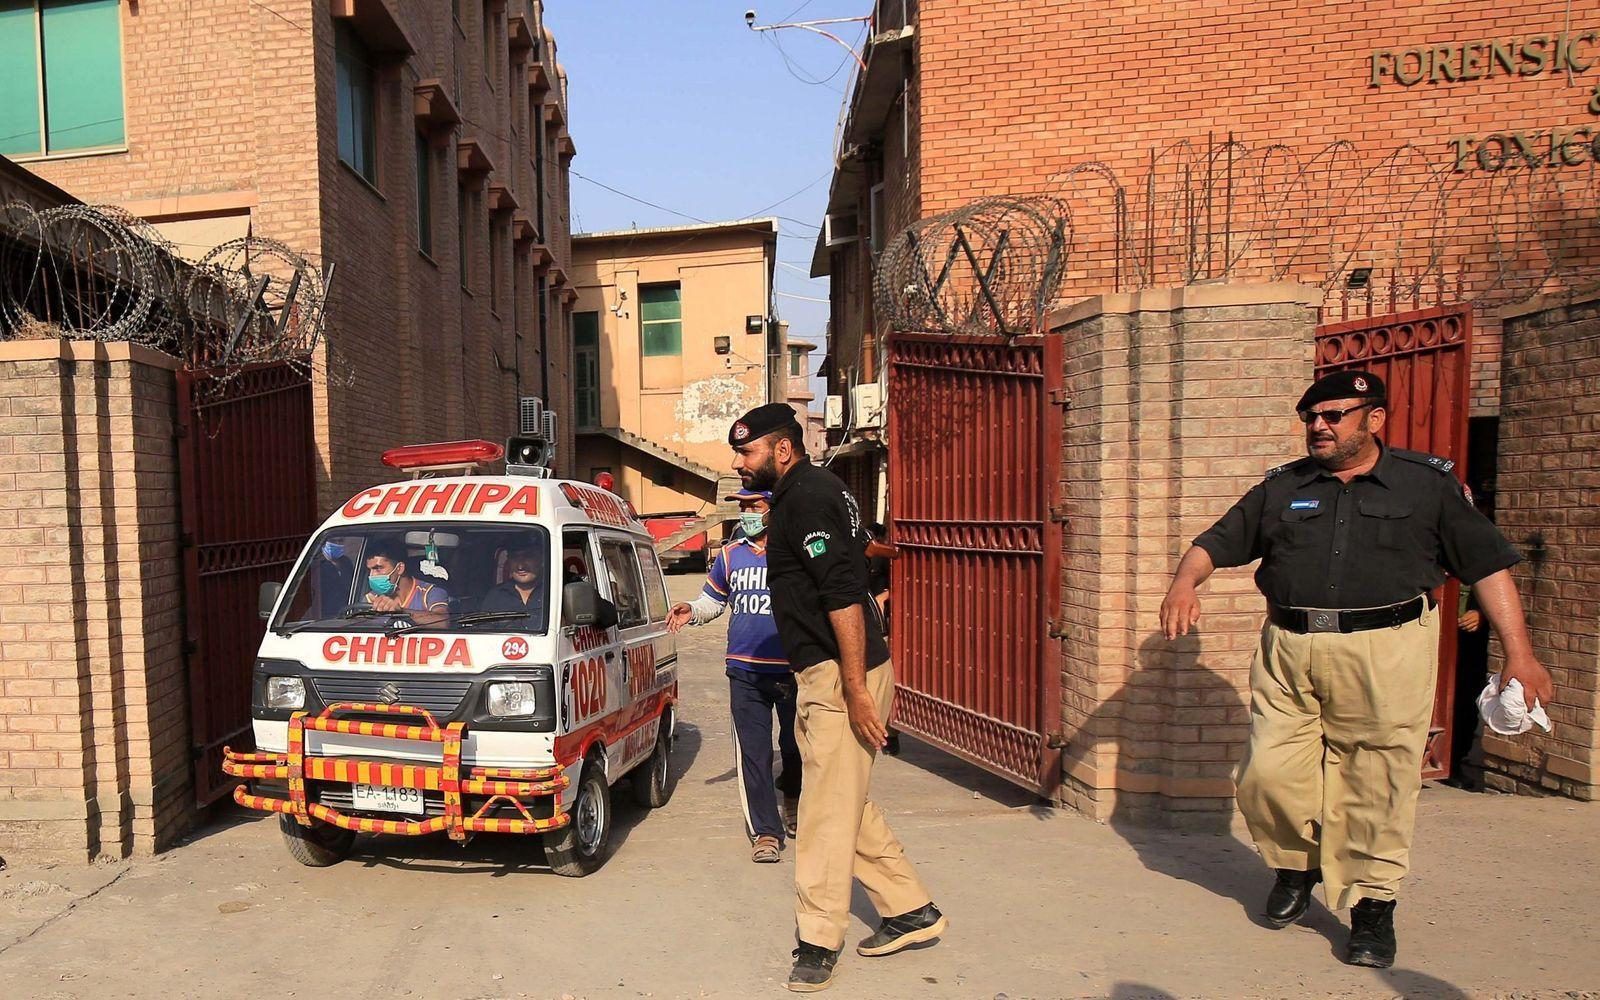 Пакистанд бурхныг доромжилсон хэргээр шүүгдэж байсан хүнийг шүүхийн танхимд буудан хороожээ